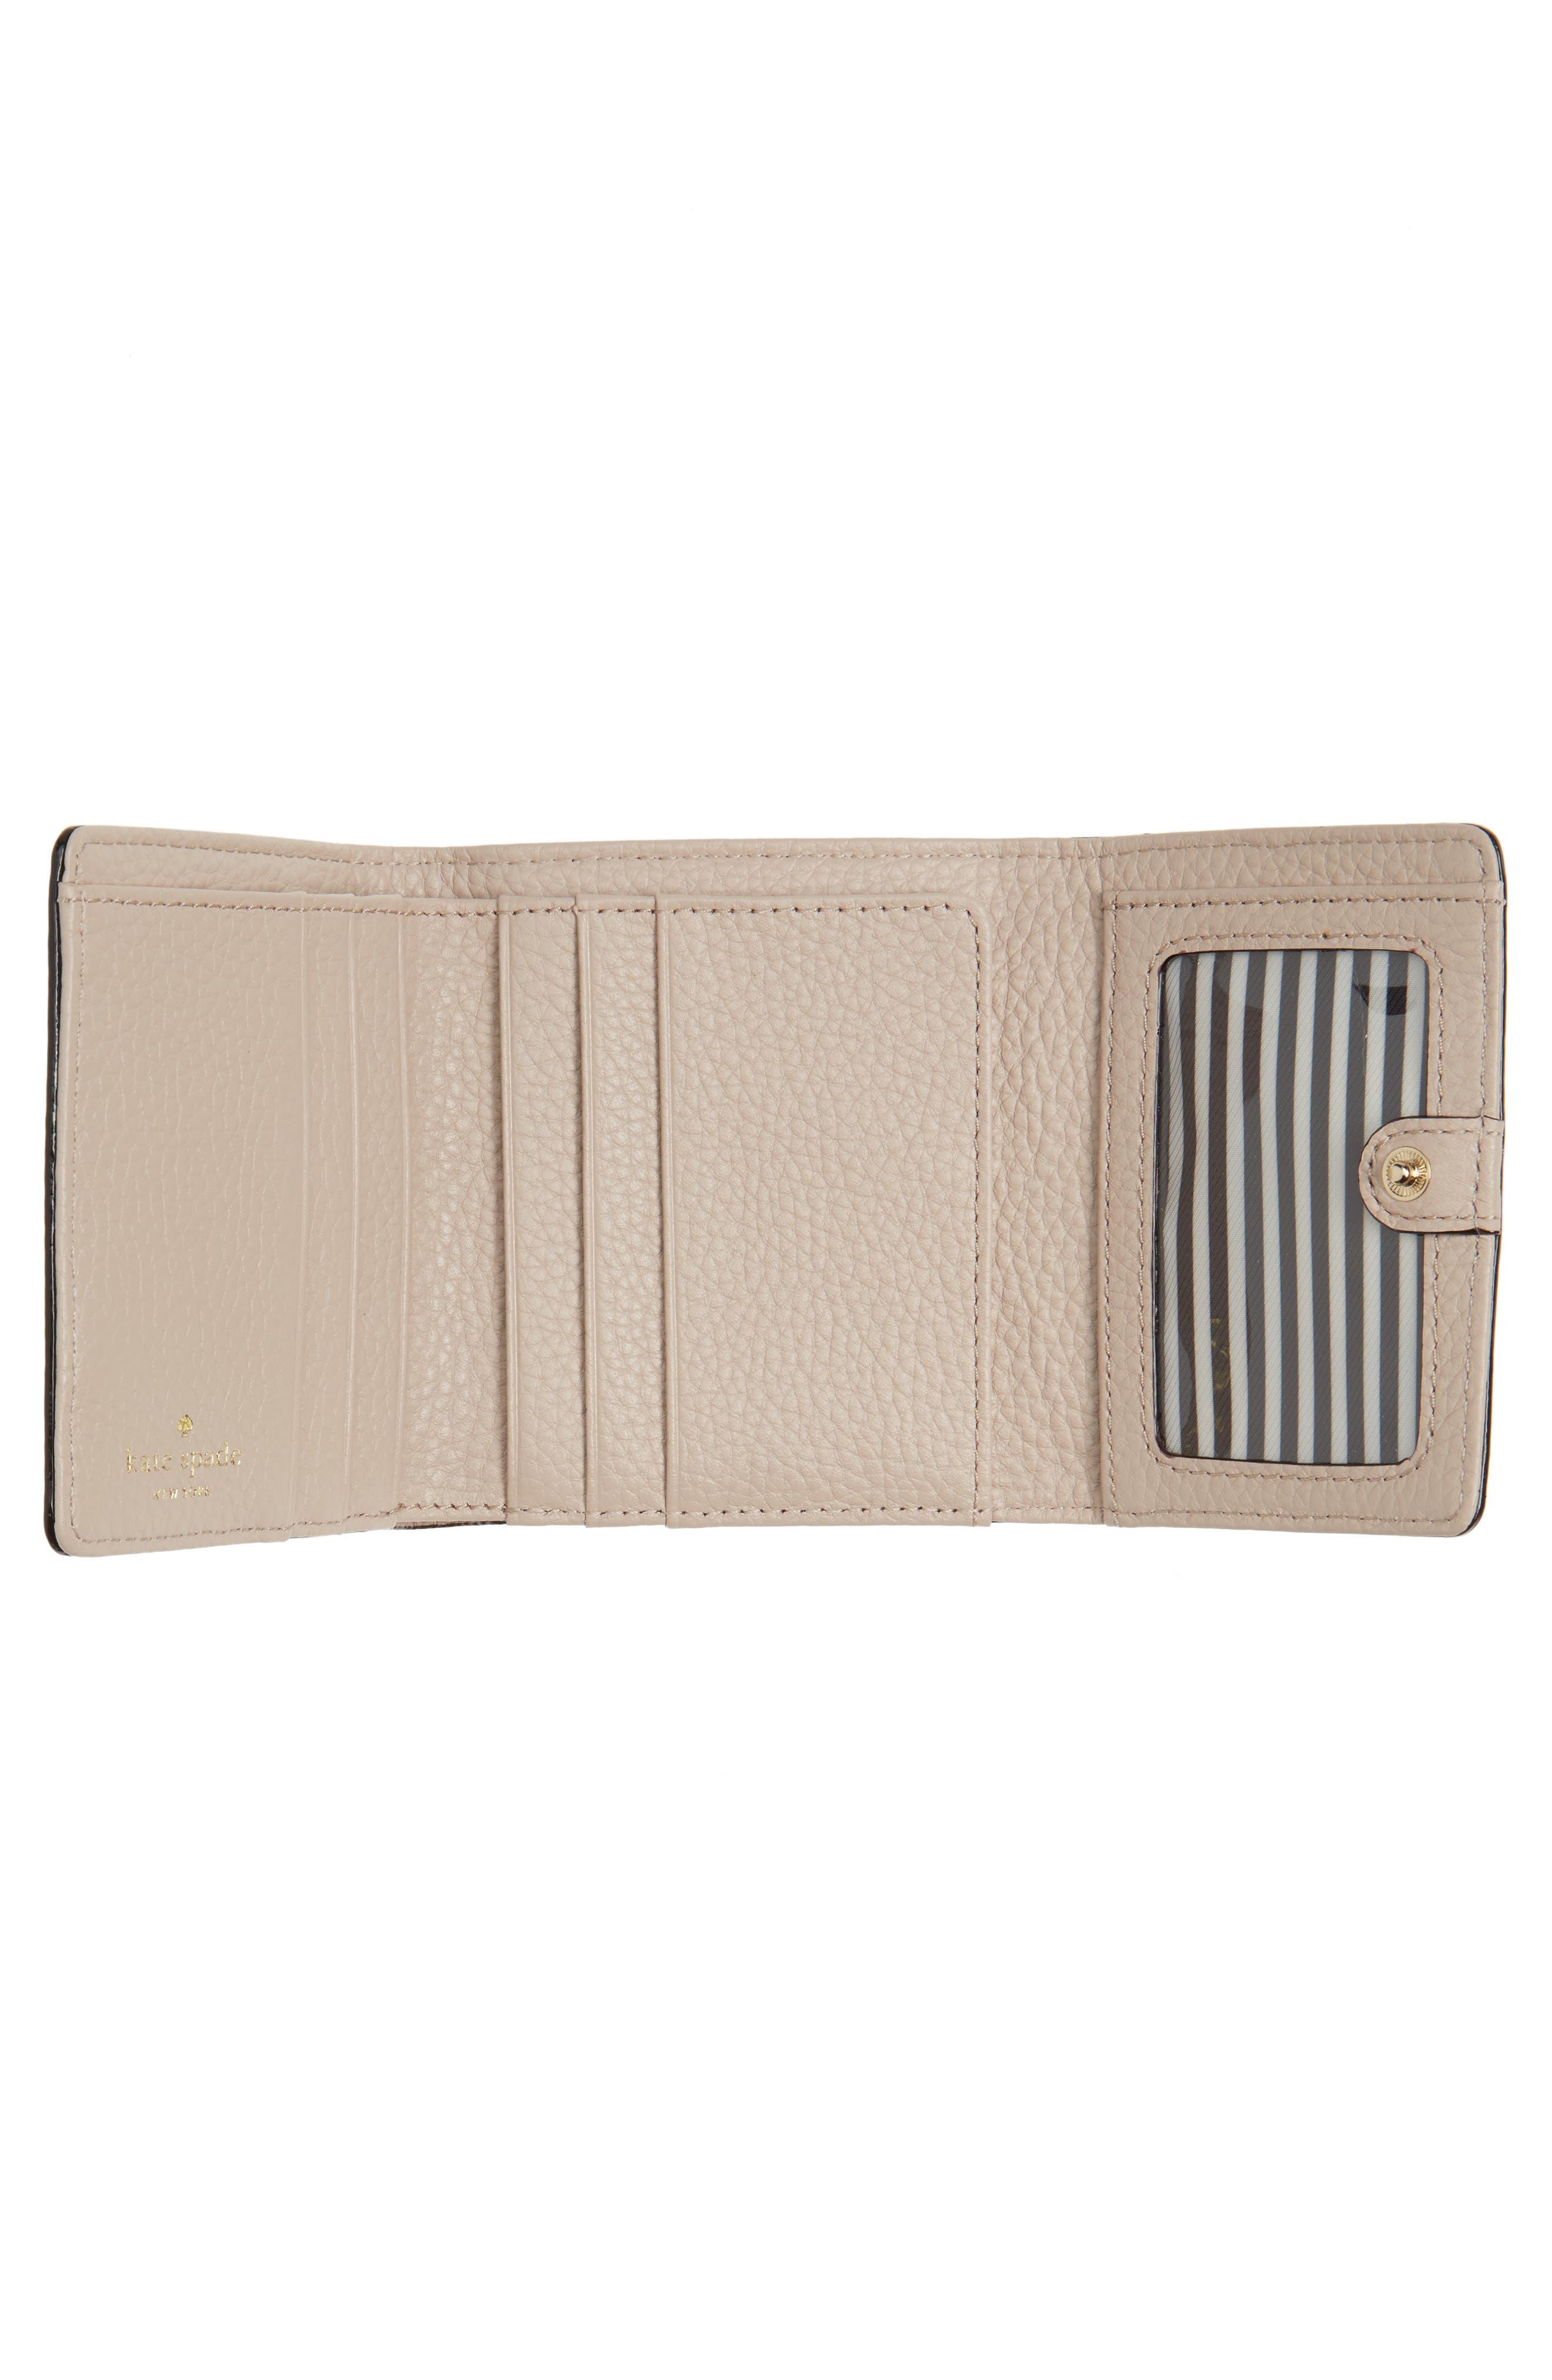 jackson street jada leather wallet,                             Alternate thumbnail 20, color,